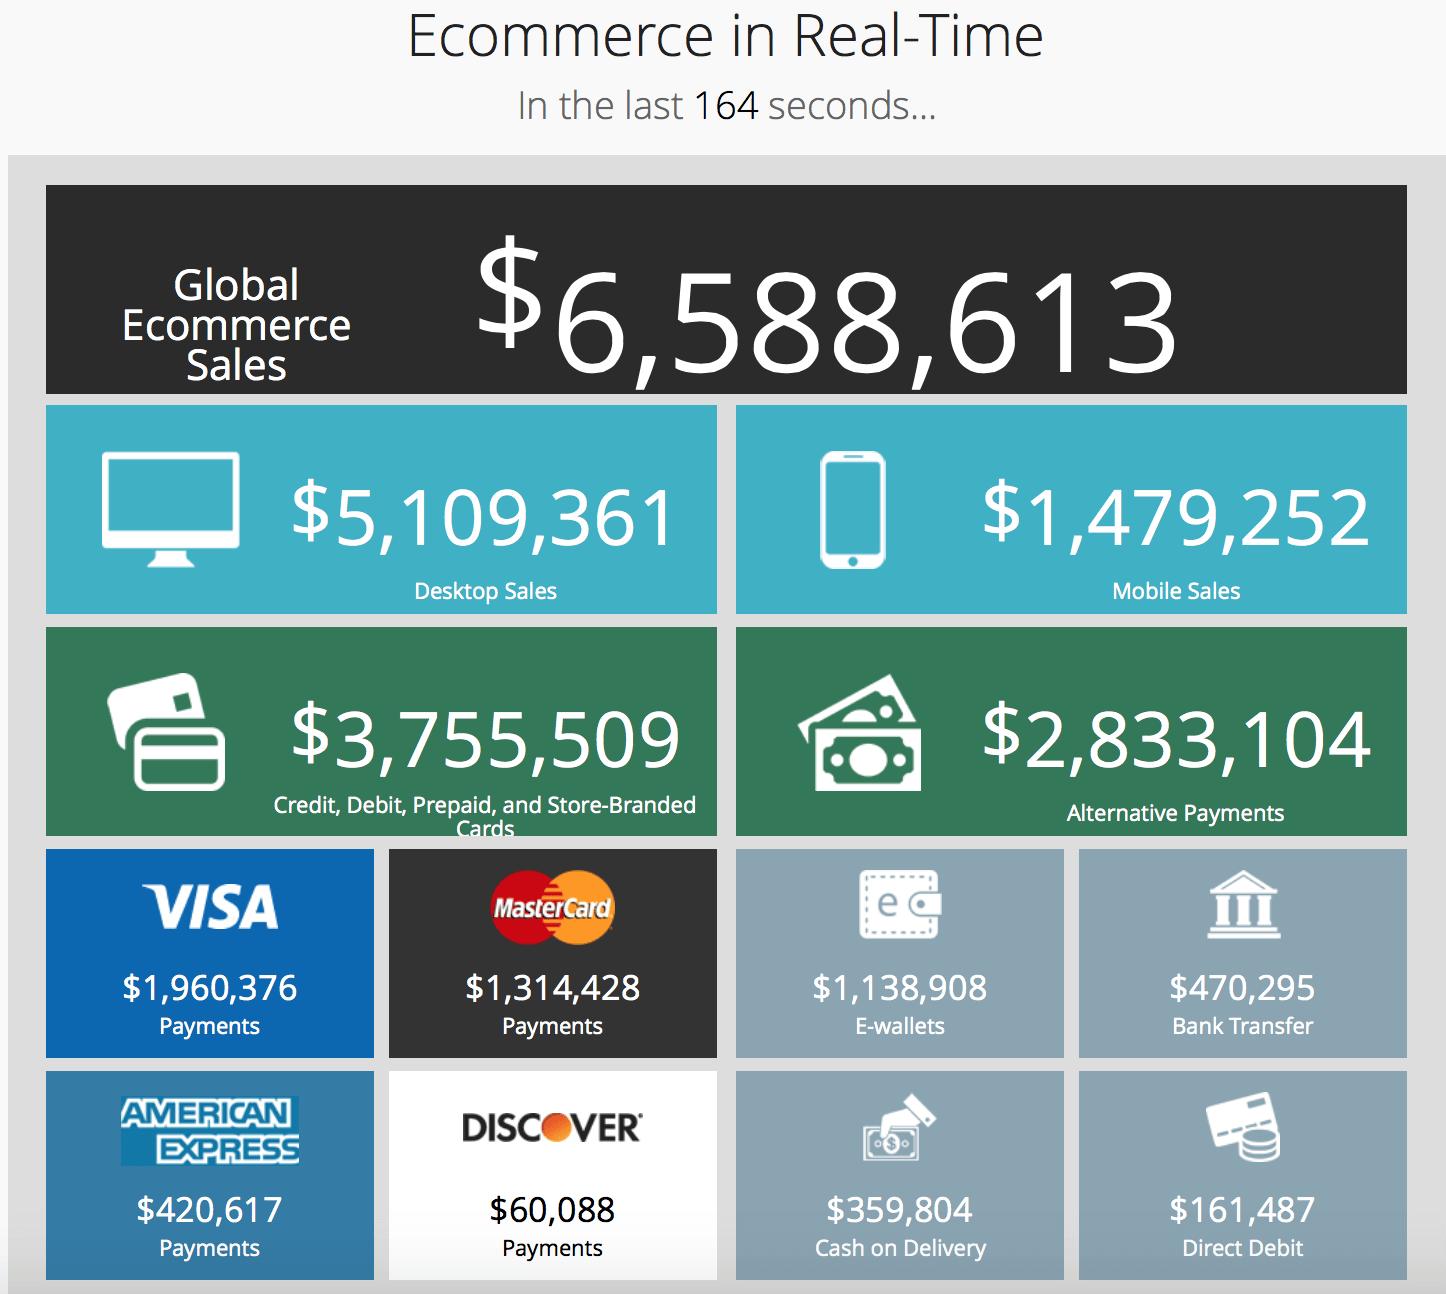 E-Commerce in Echtzeit: So viel verkaufen Händler gerade im Netz.